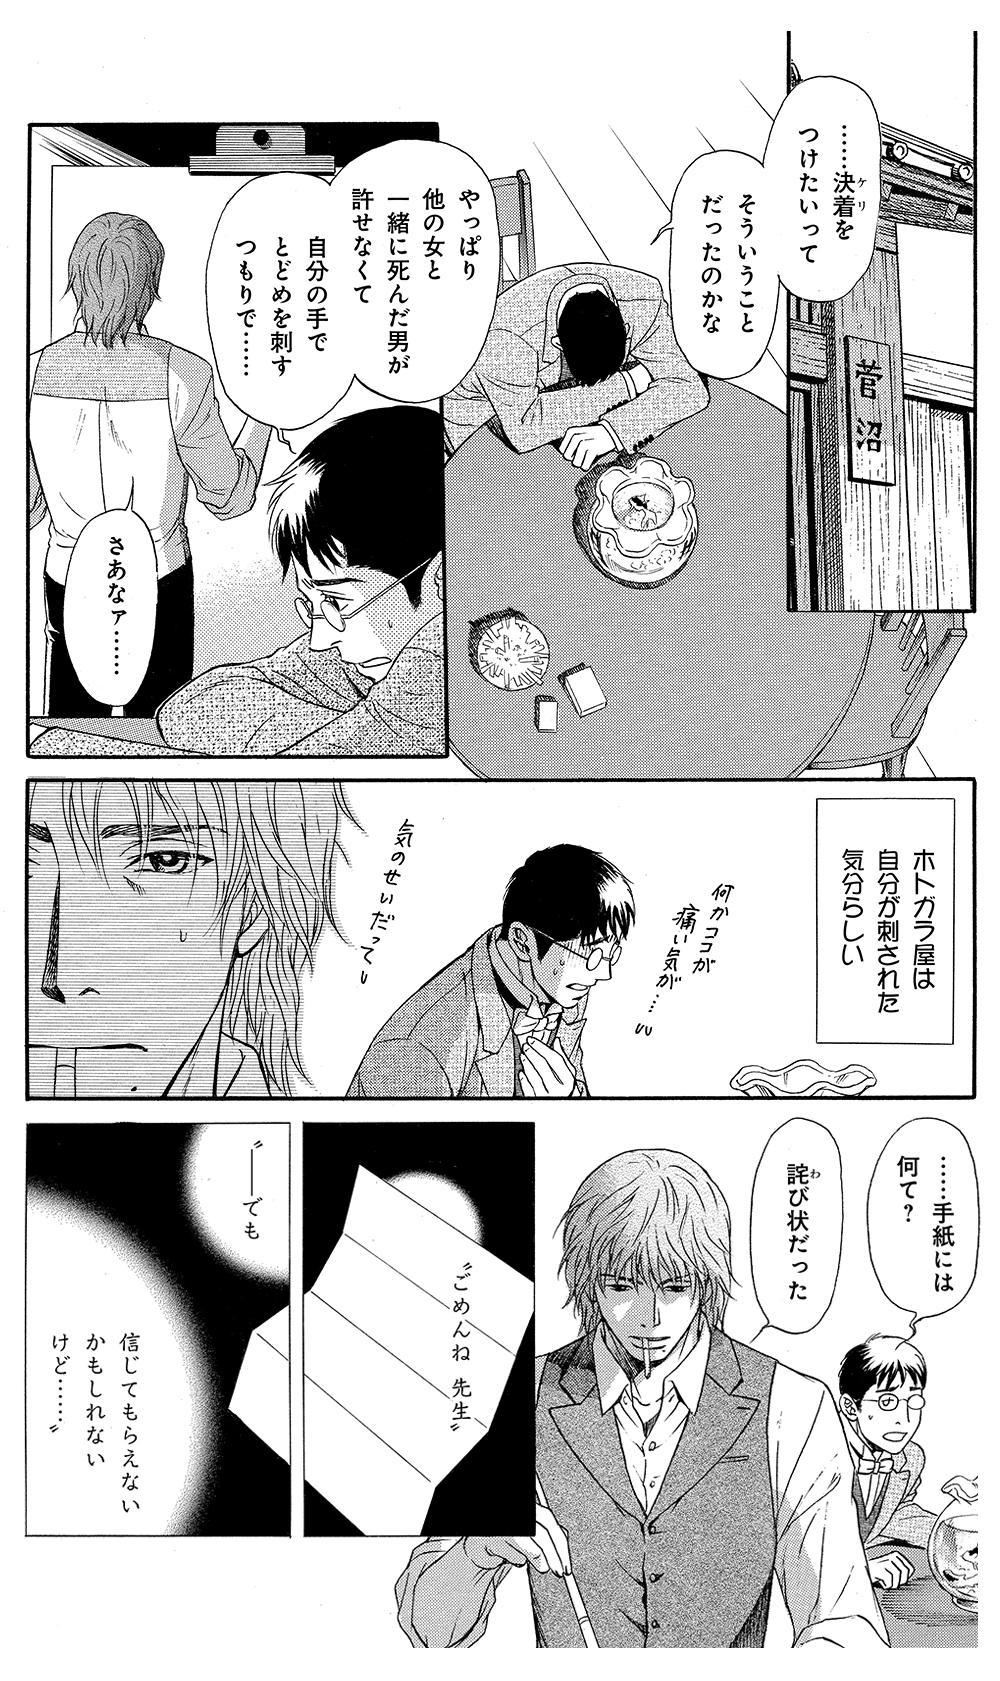 鵼の絵師 第2話「おきみやげ」②nuenoeshi04-13.jpg